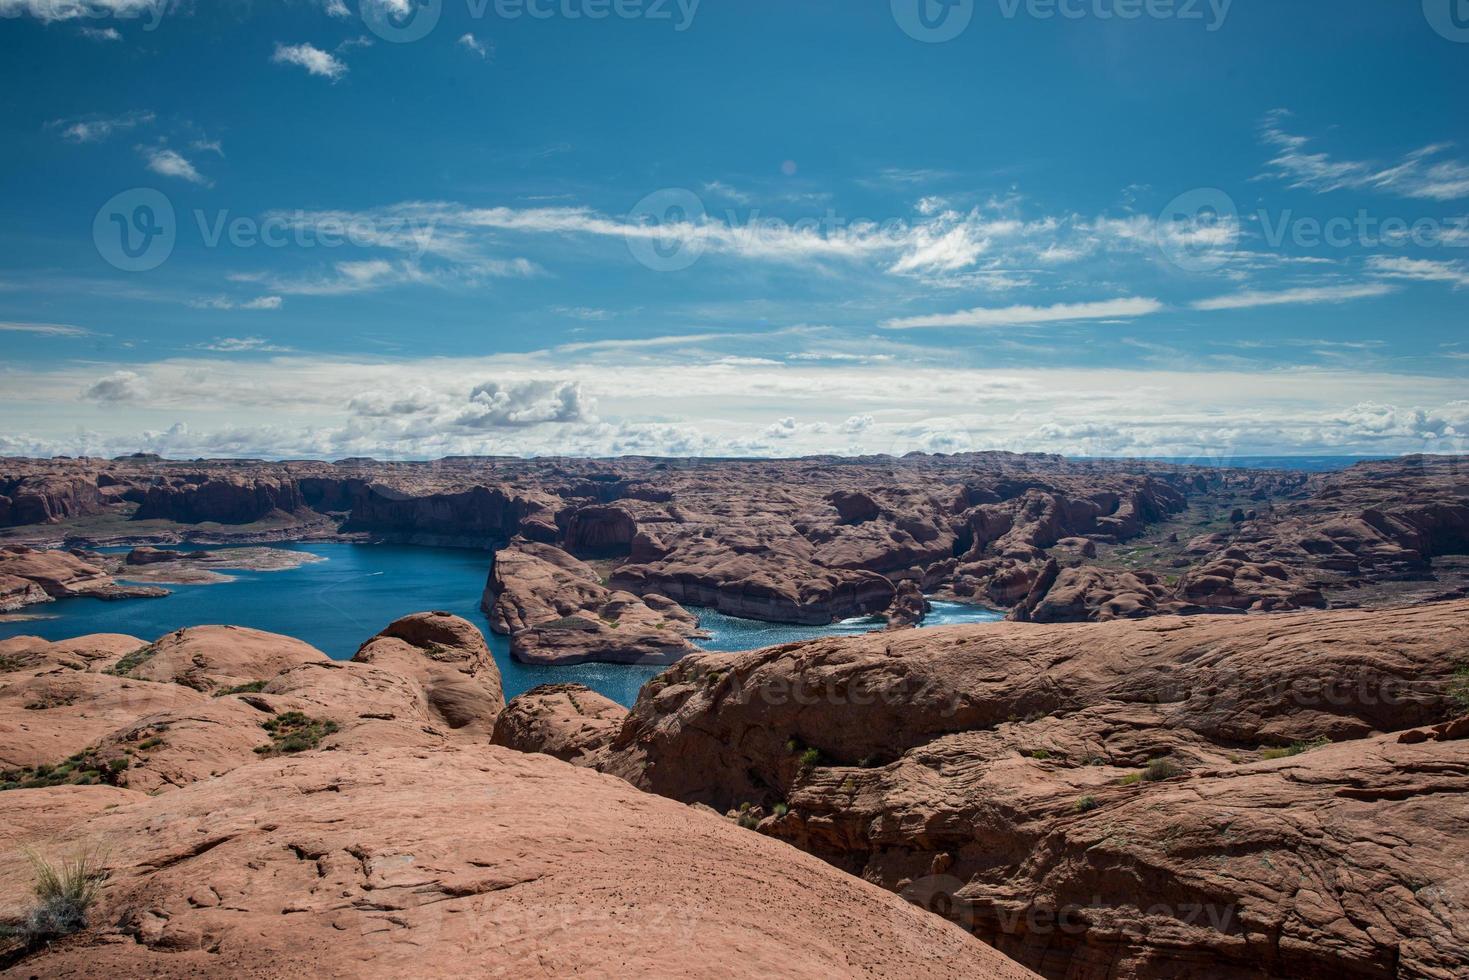 lac powell près de trou dans la roche photo